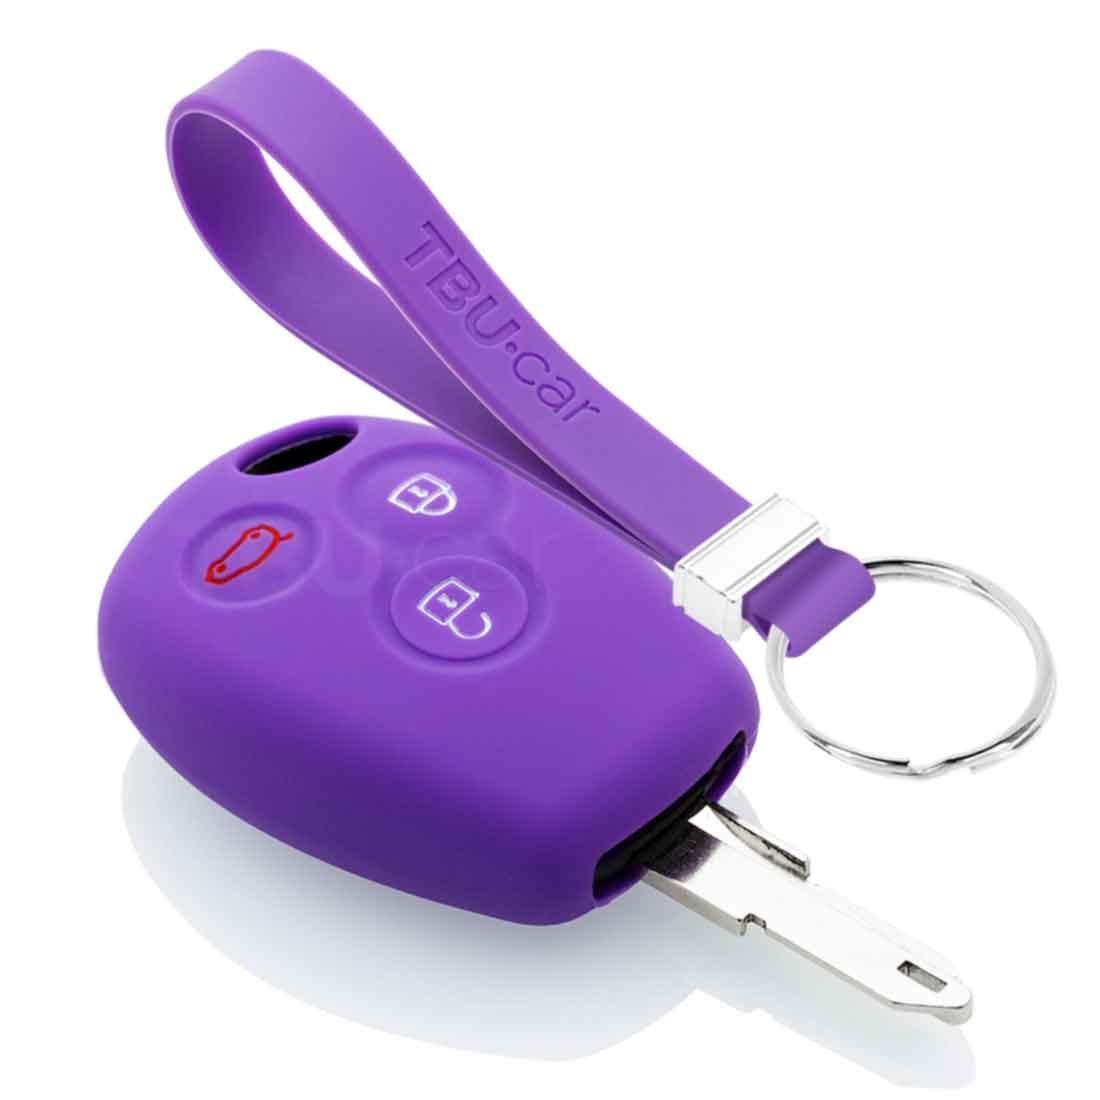 TBU car TBU car Funda Carcasa llave compatible con Dacia - Funda de Silicona - Cover de Llave Coche - Violeta